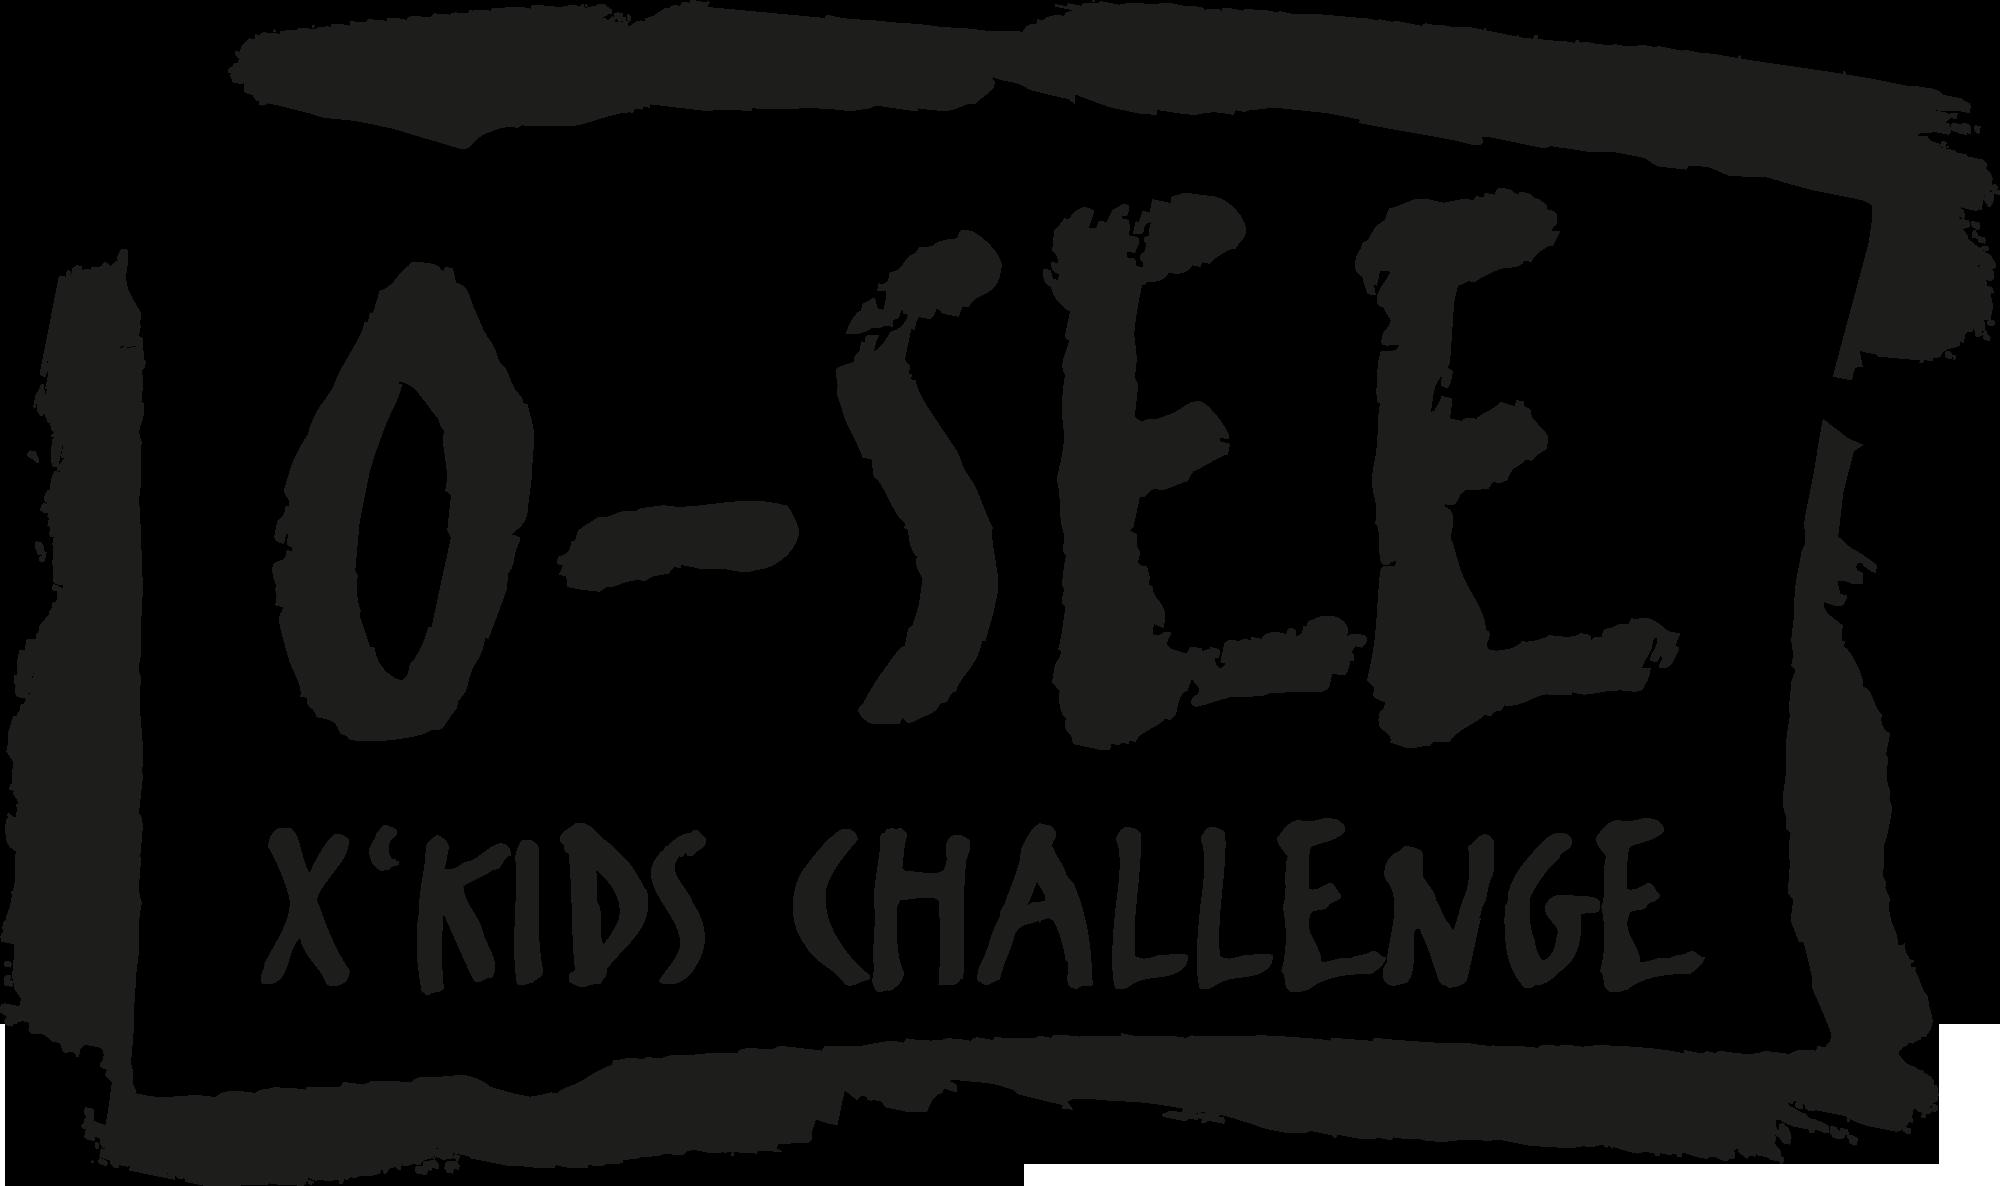 O-SEE X'KIDS Challenge